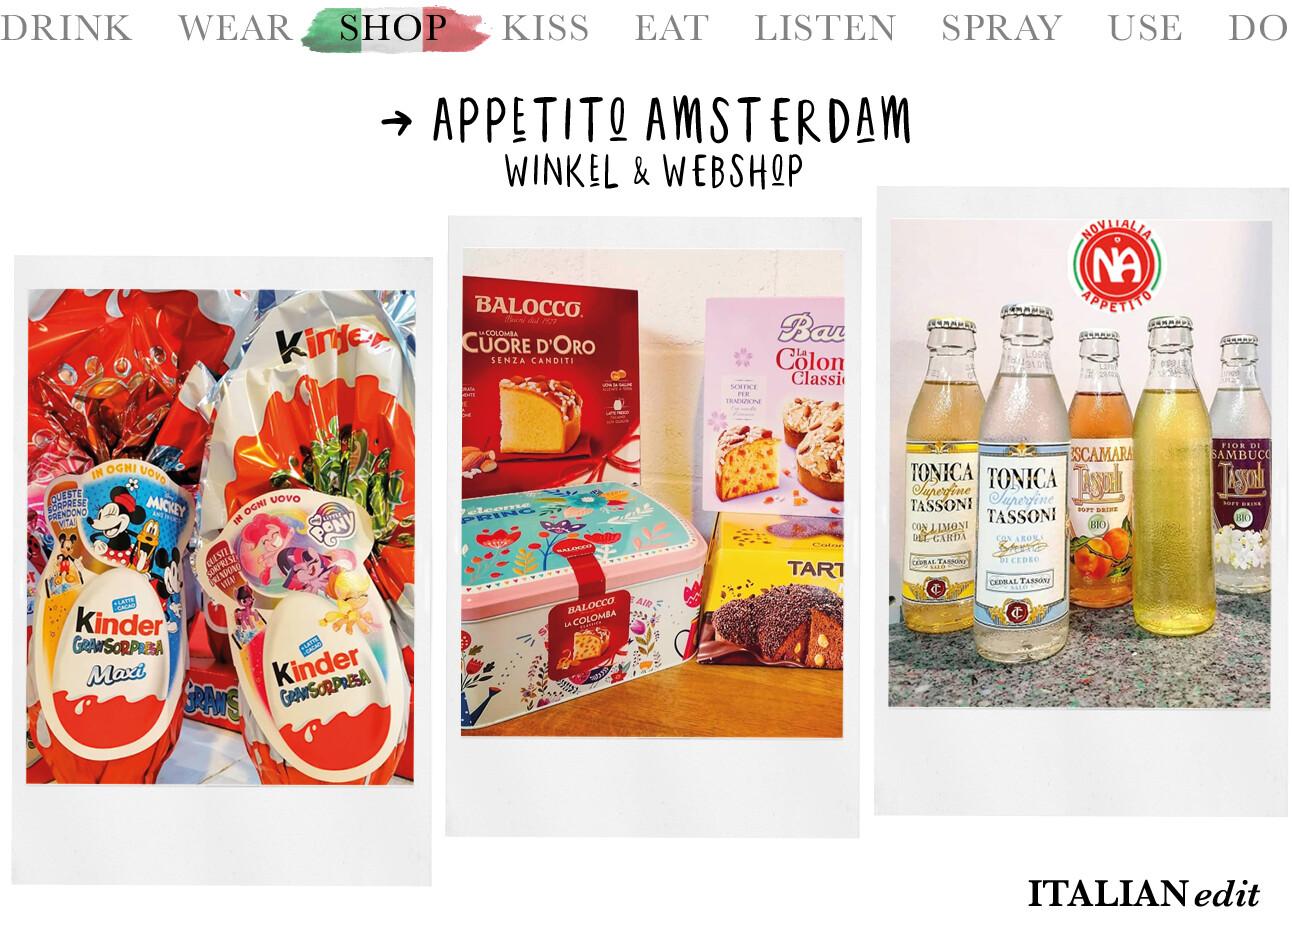 Appetito Amsterdam